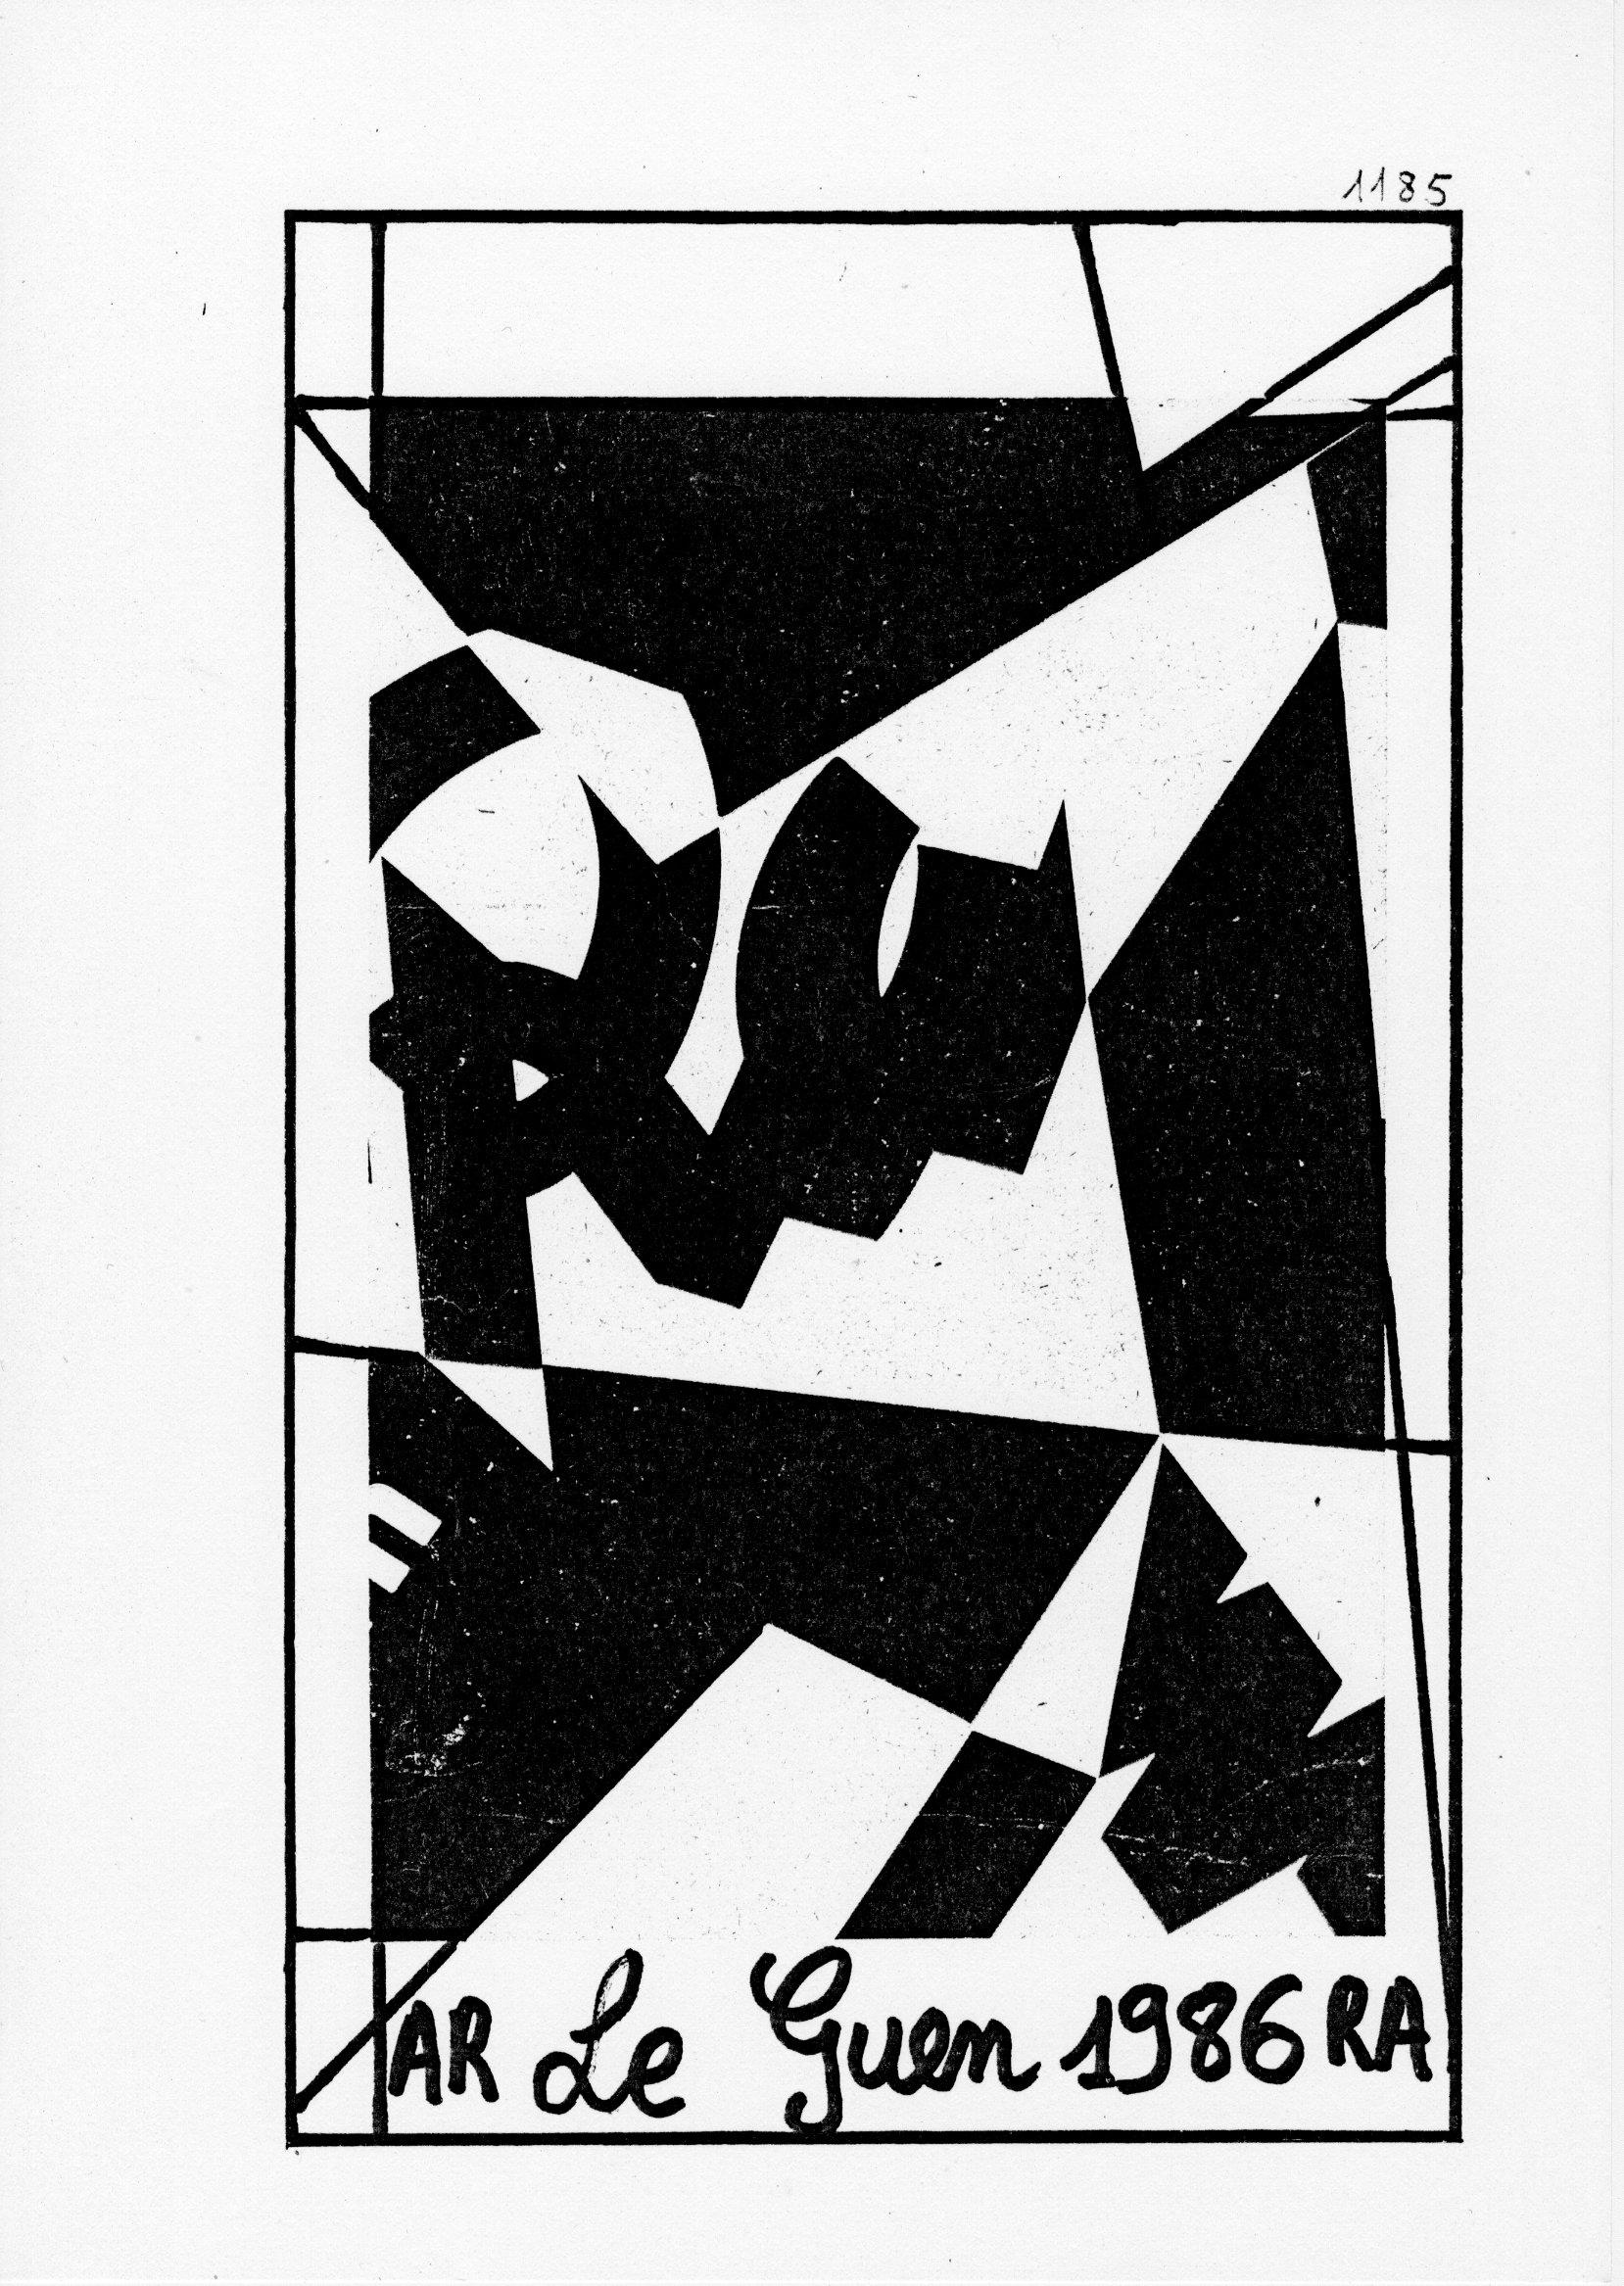 page 1185 Y. Le Guen VERBIER